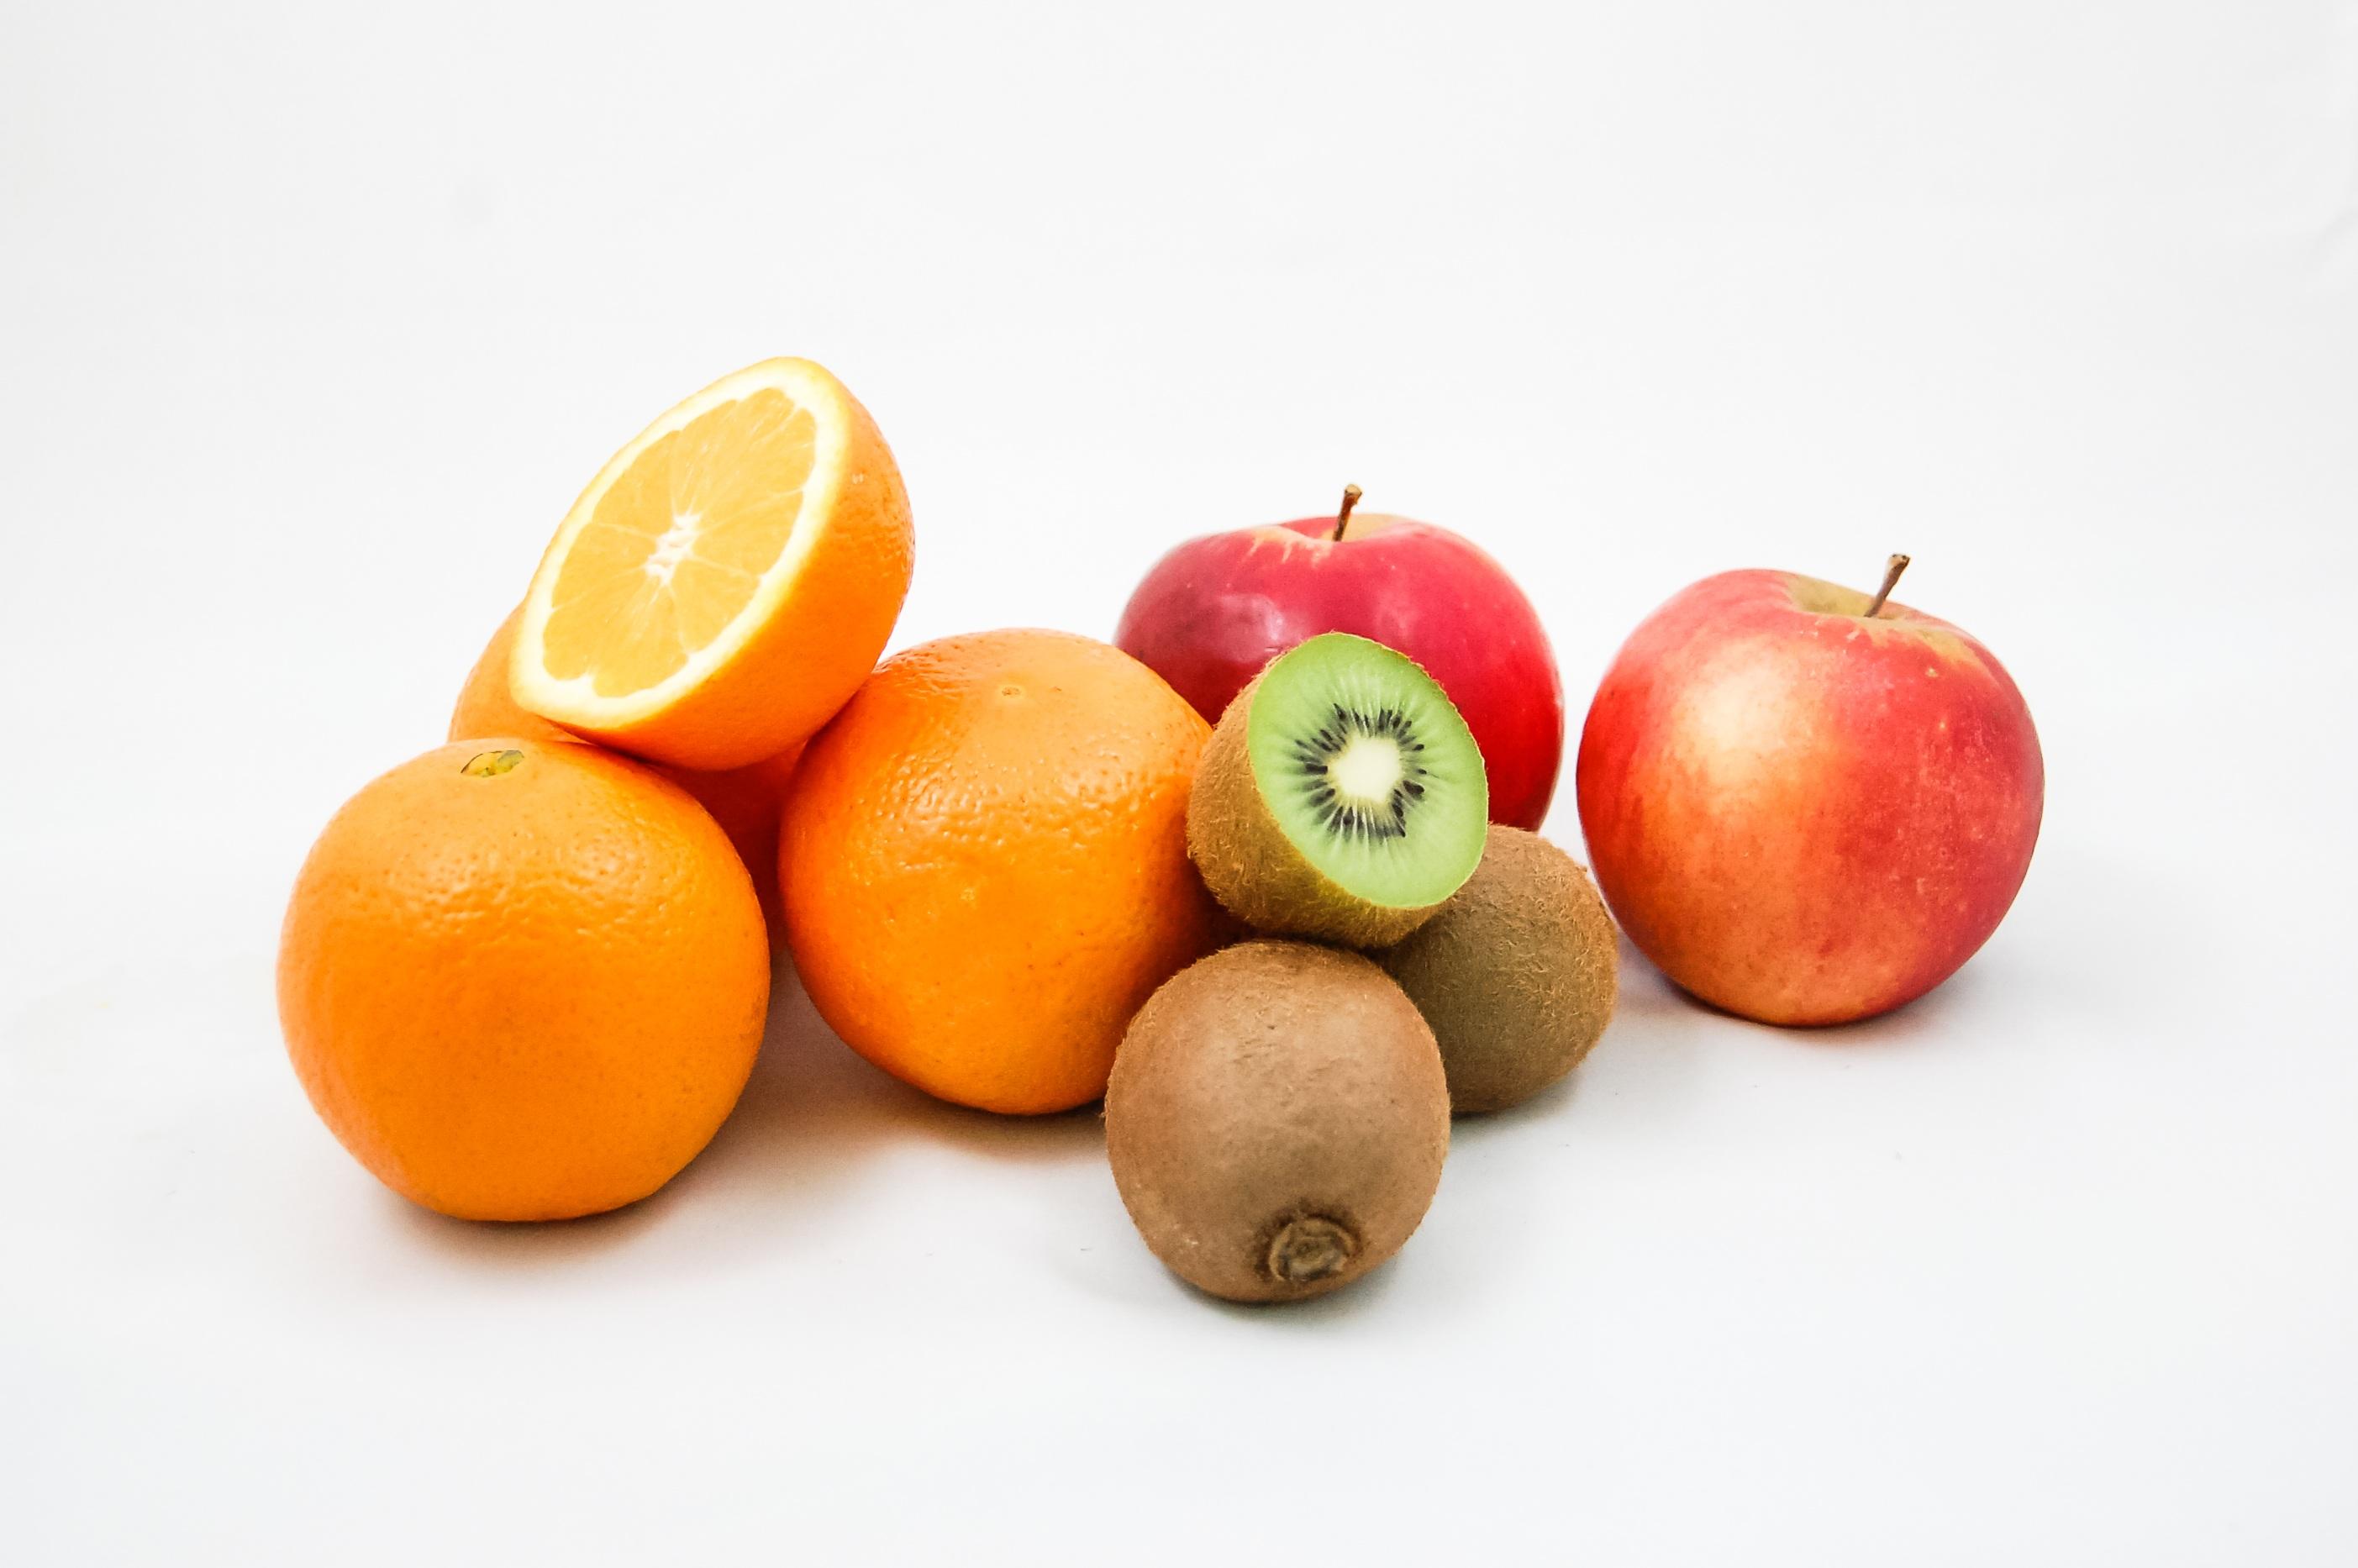 Hvad består e-juice af? Frugter for at illustrere smag